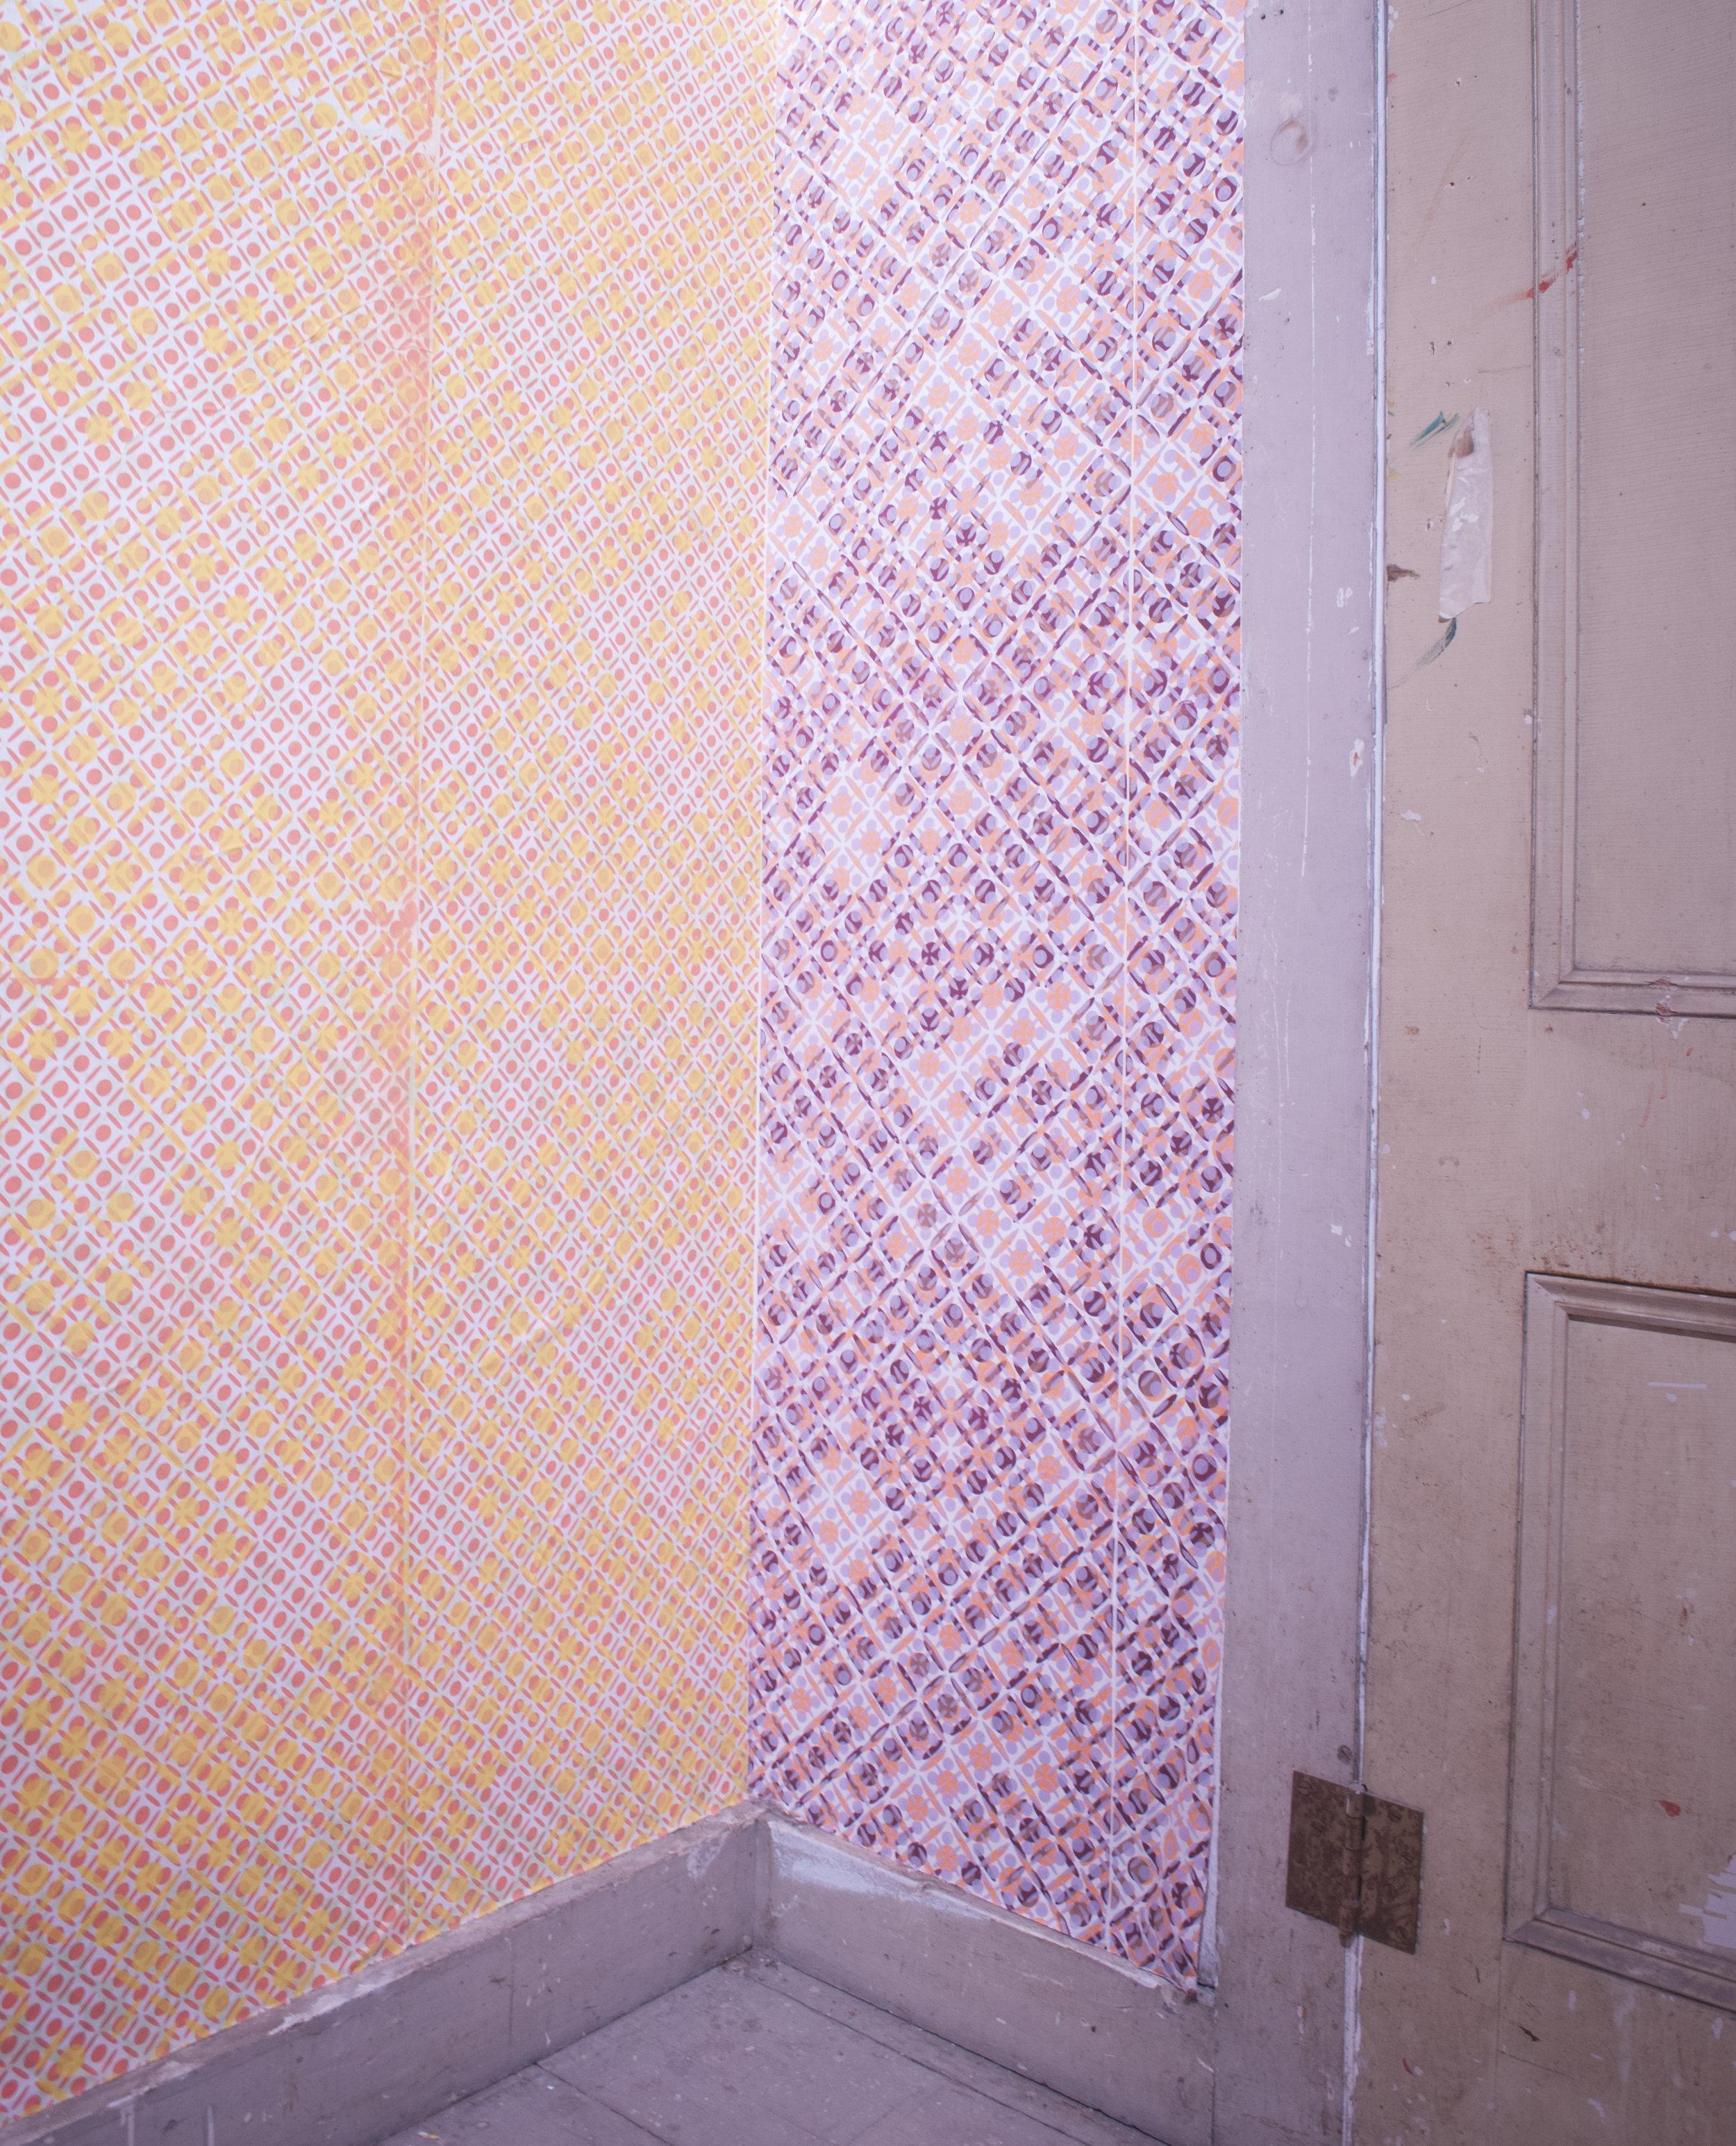 Wallpaper InstallationFLCorner.jpg